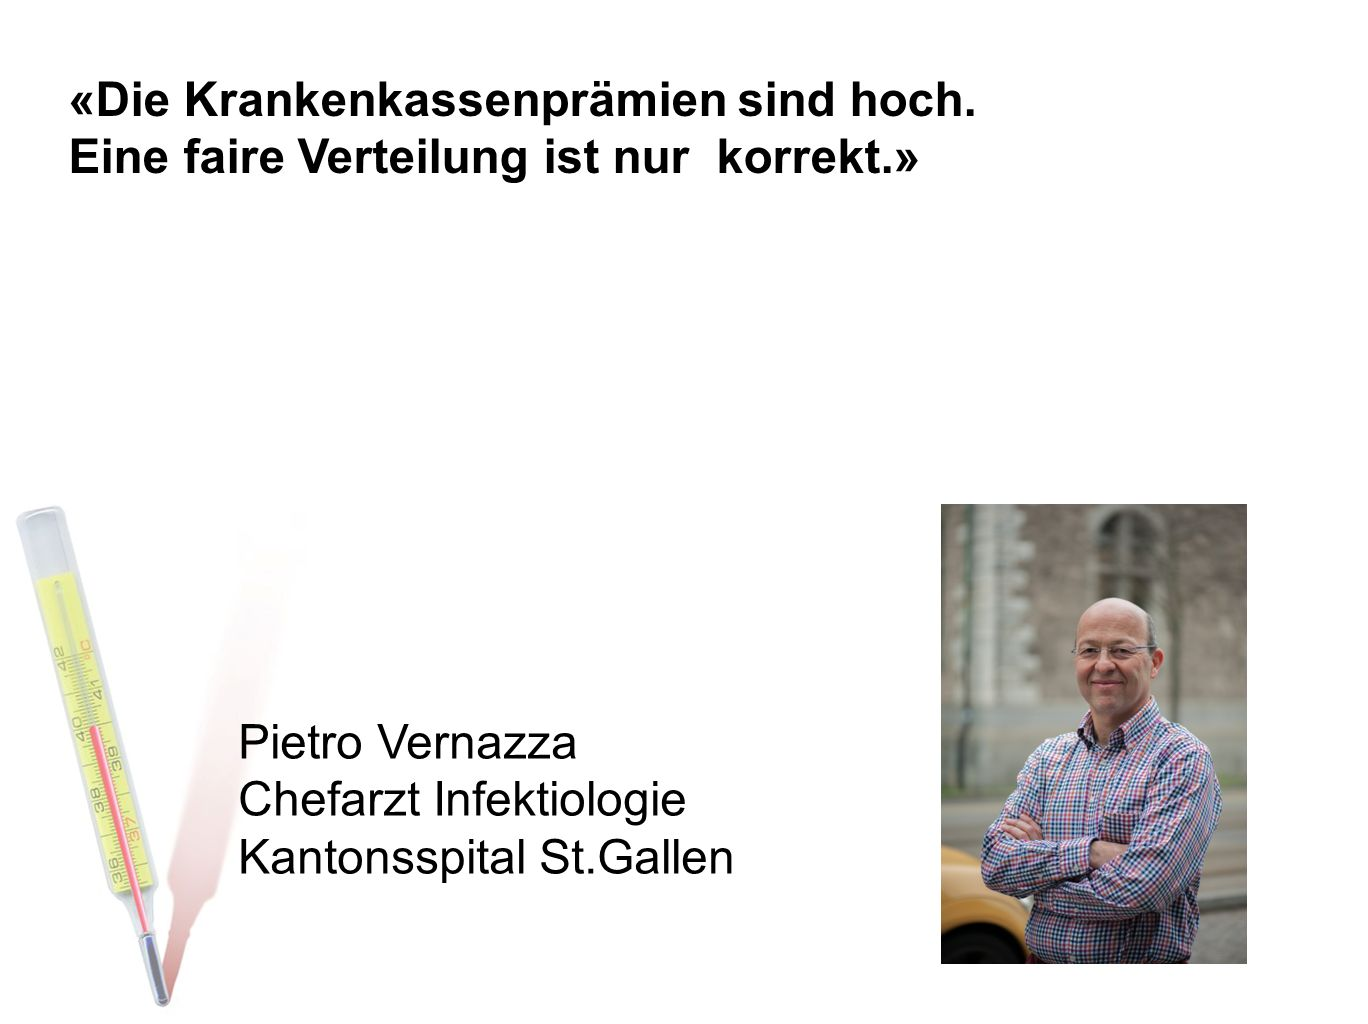 «Die Krankenkassenprämien sind hoch. Eine faire Verteilung ist nur korrekt.» Pietro Vernazza Chefarzt Infektiologie Kantonsspital St.Gallen